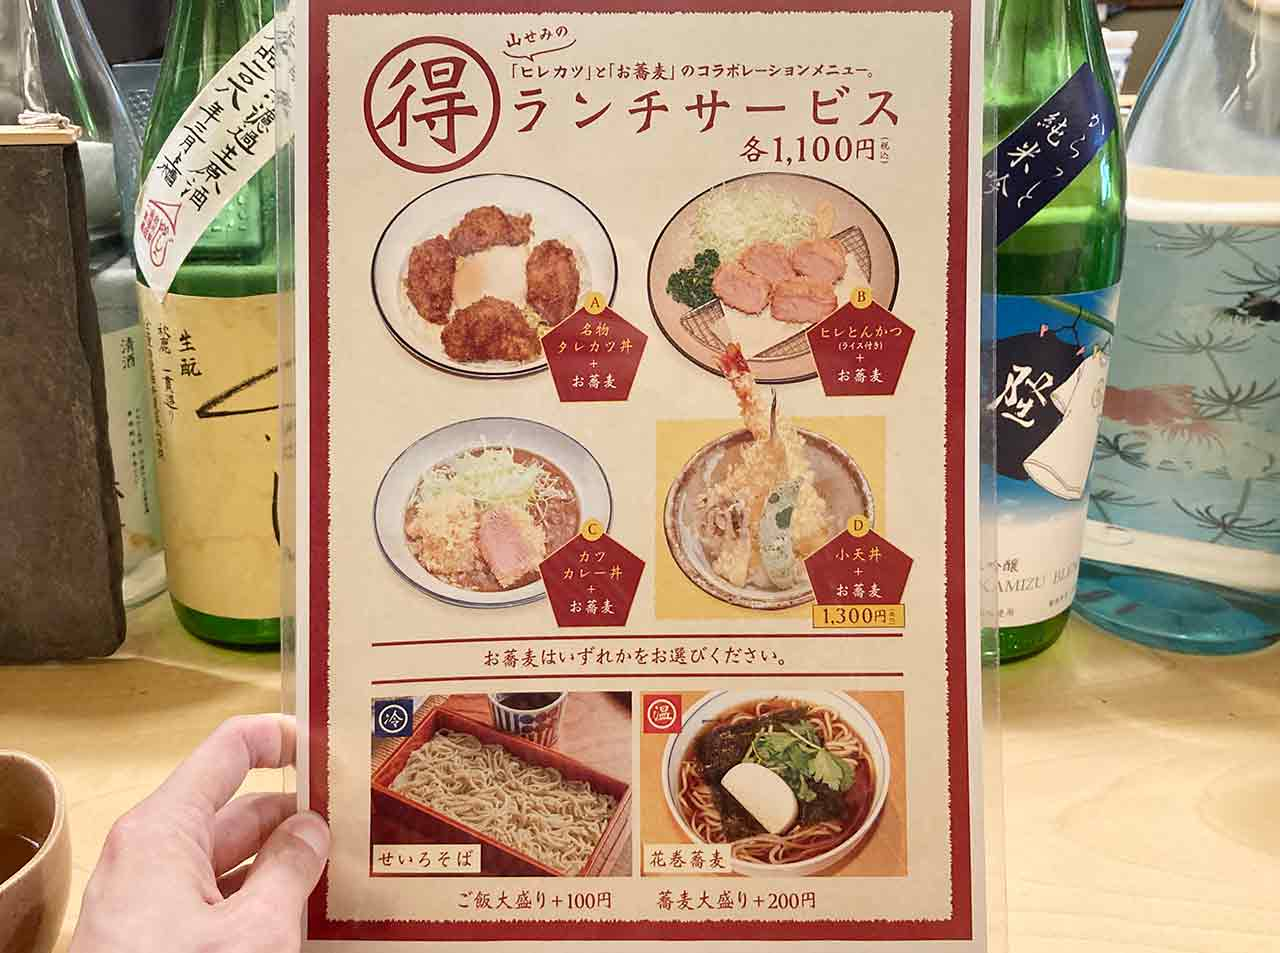 山せみ,神楽坂,蕎麦,和食,とんかつ,かつ丼,美味しい,メニュー,ランチ